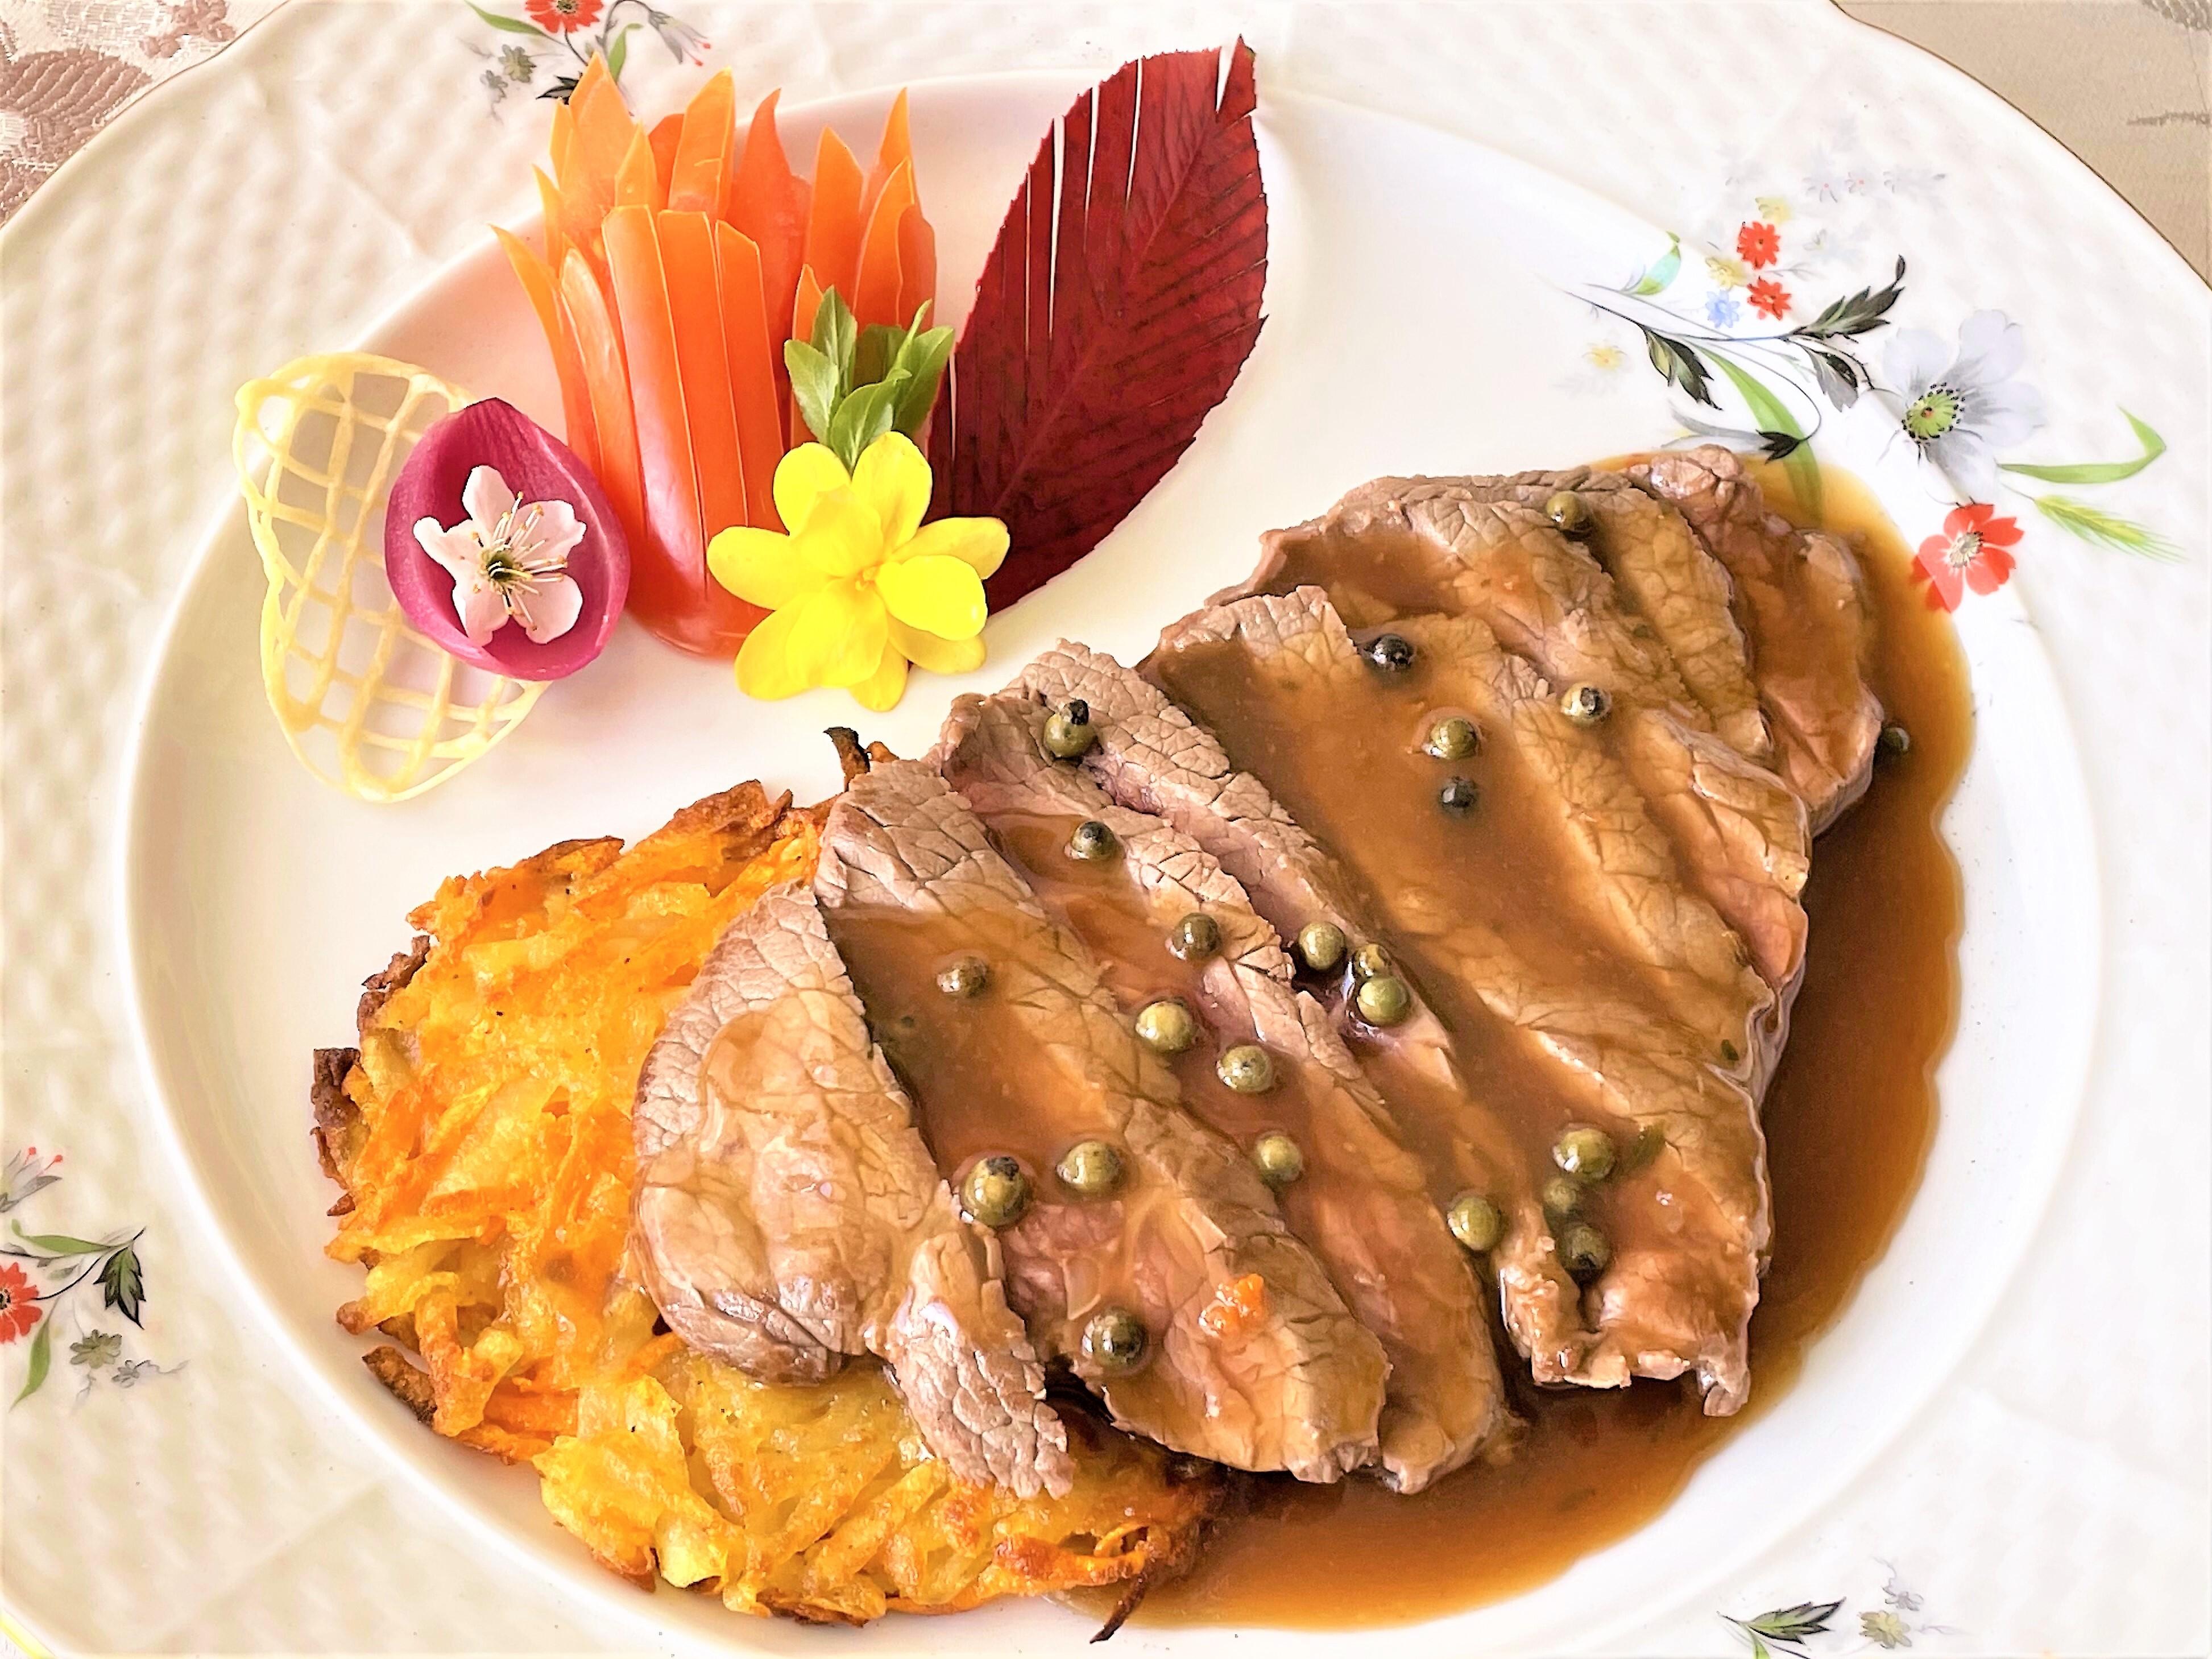 Tagliata-di-manzo-al-pepe-verde-con-tortino-di-patate-e-carote